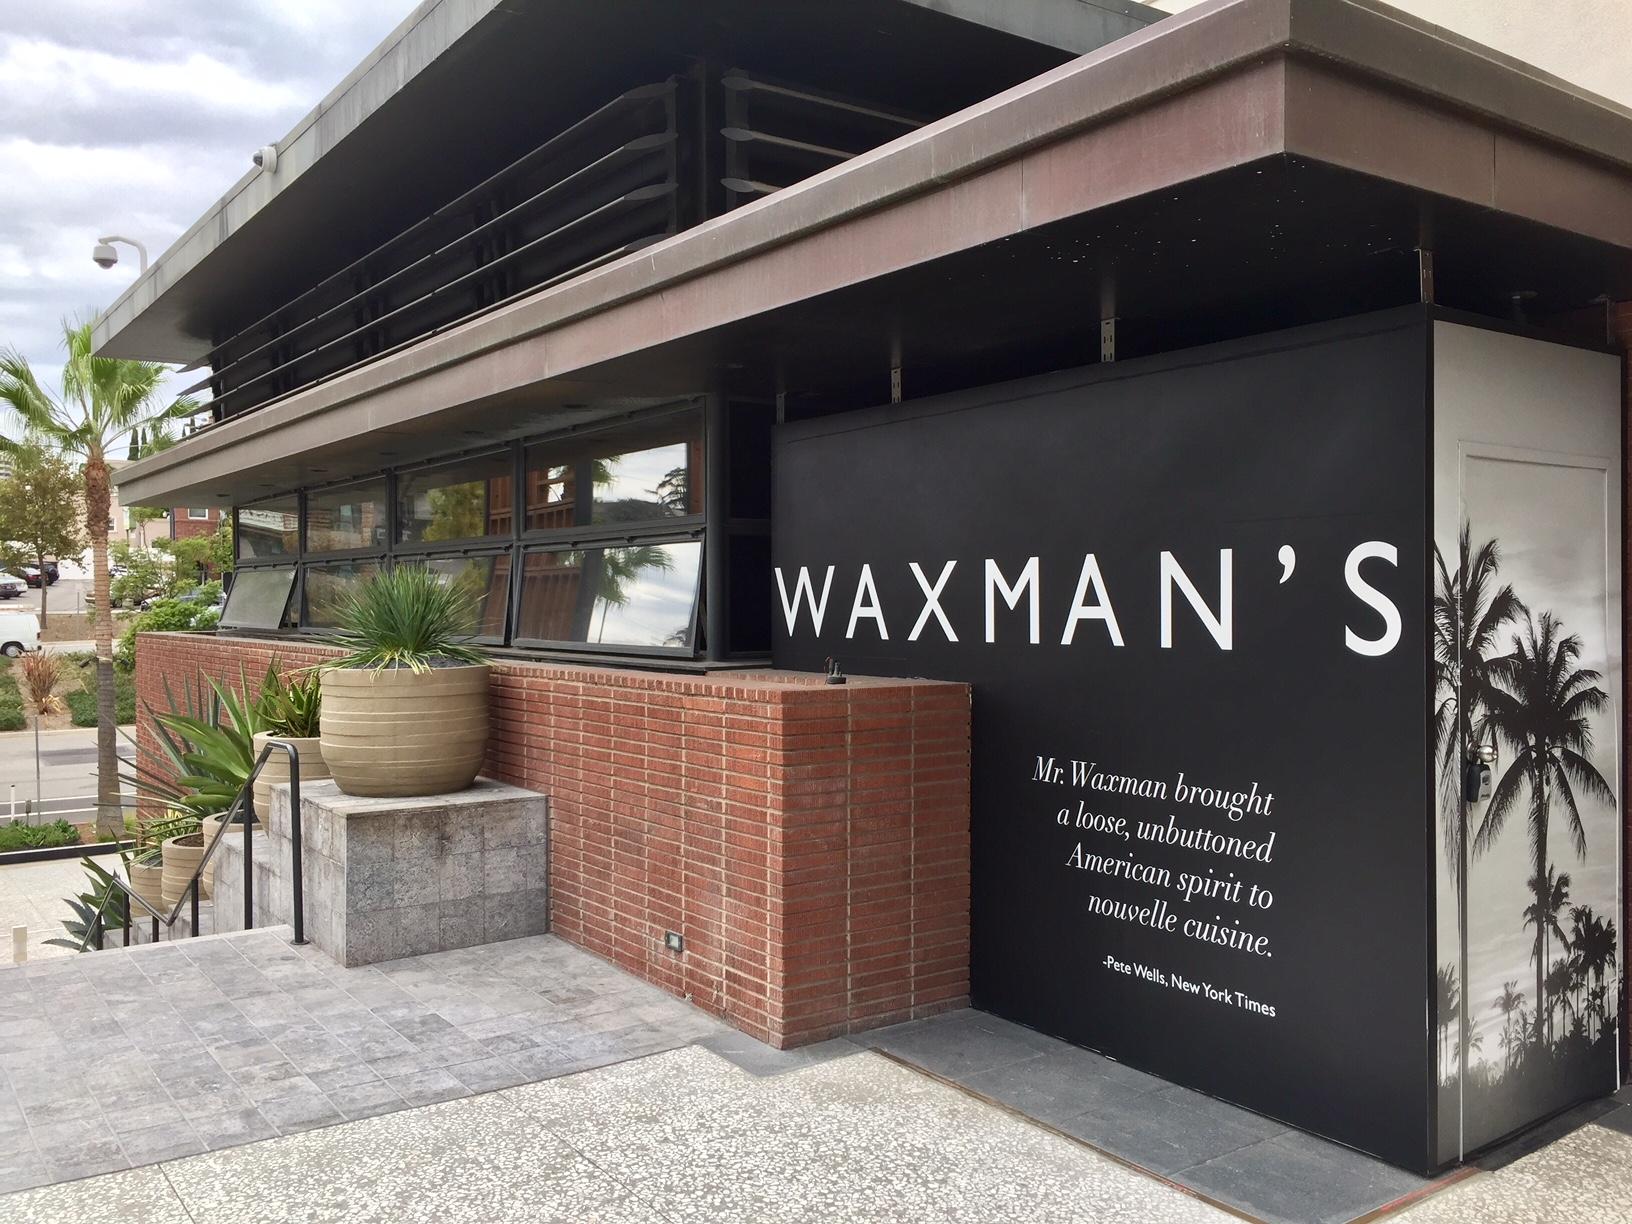 Waxman's.jpg